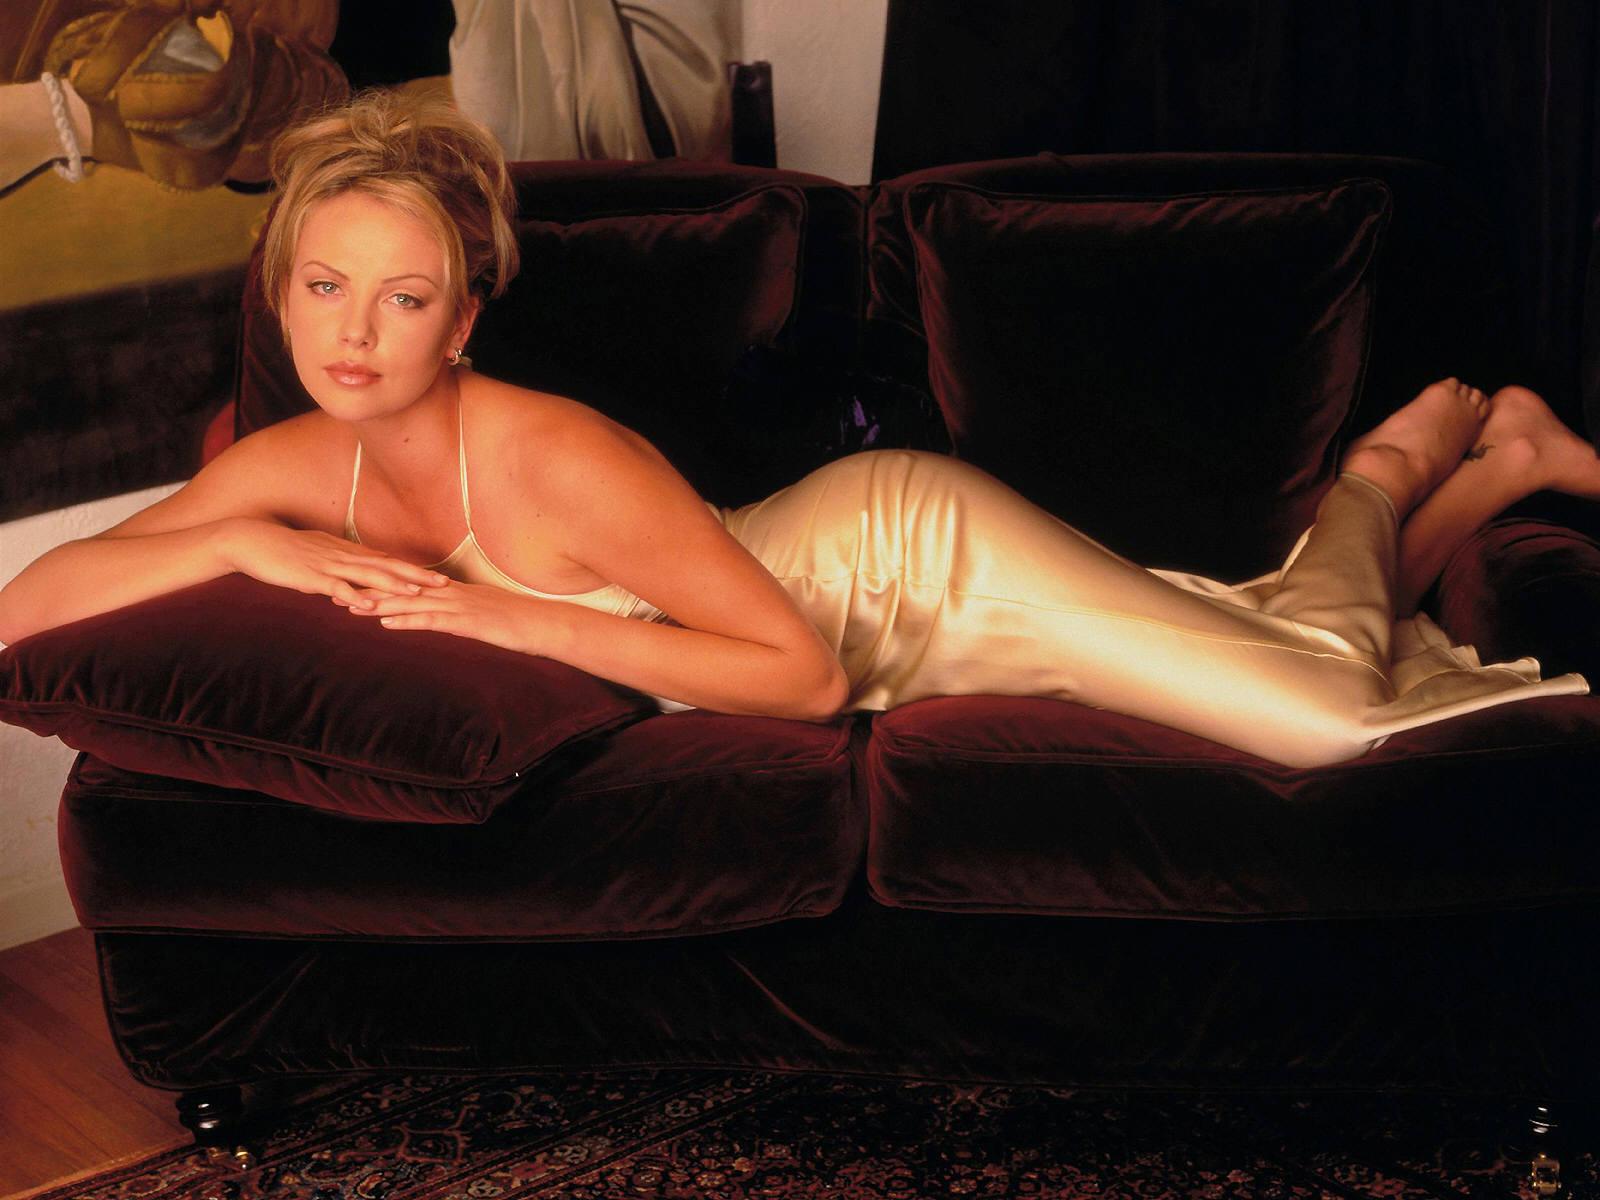 была фото подделки голая актриса только черты личности